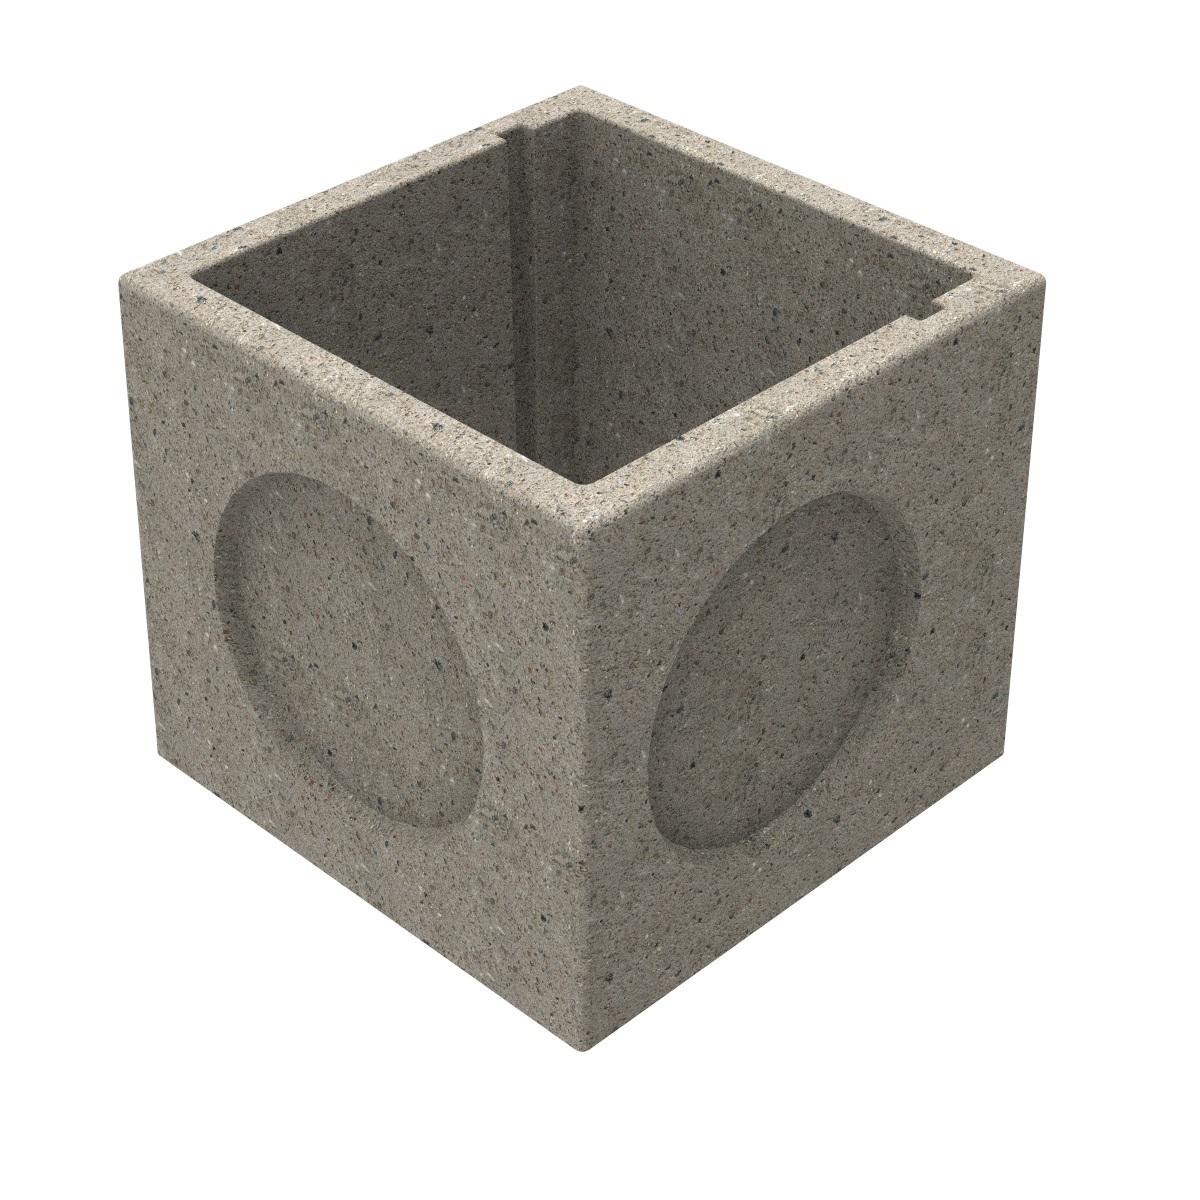 Arqueta prefabricada de hormigon sin solera 600x600